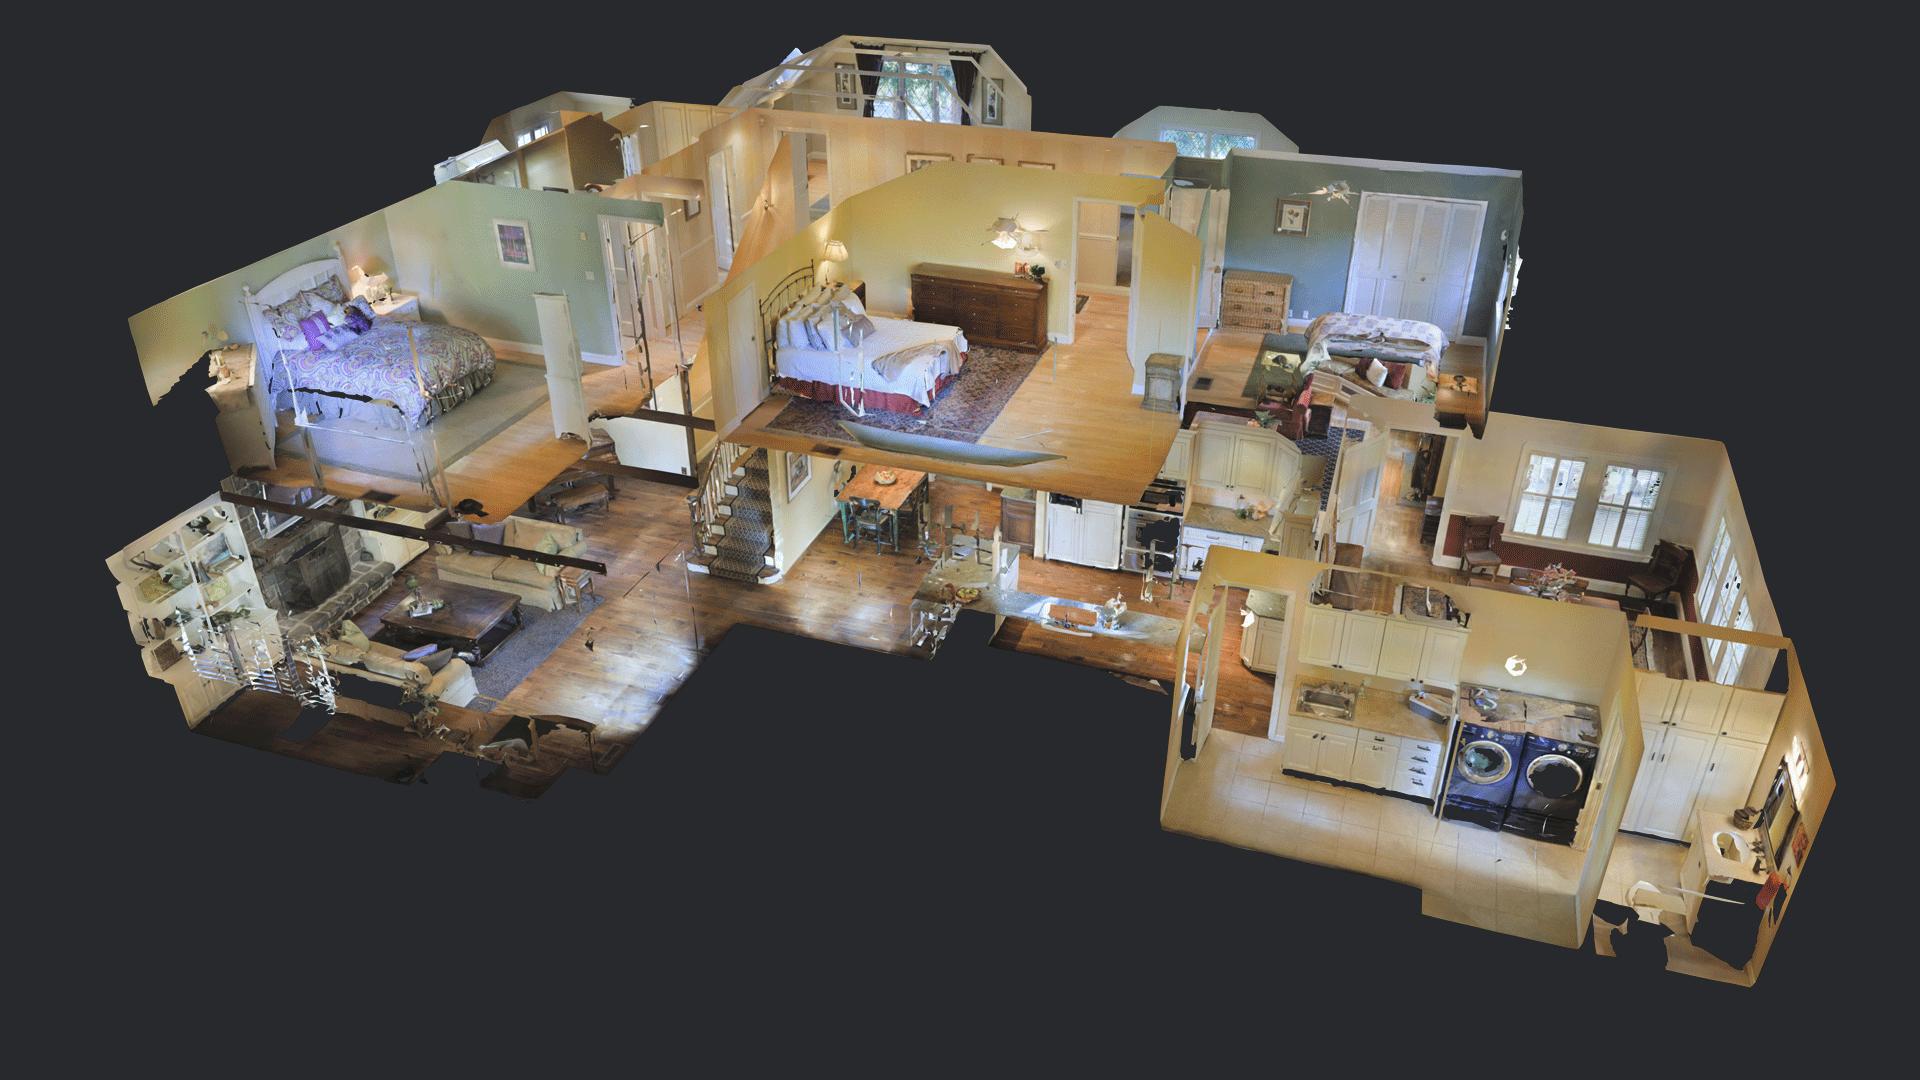 3D Tour Dollhouse Image